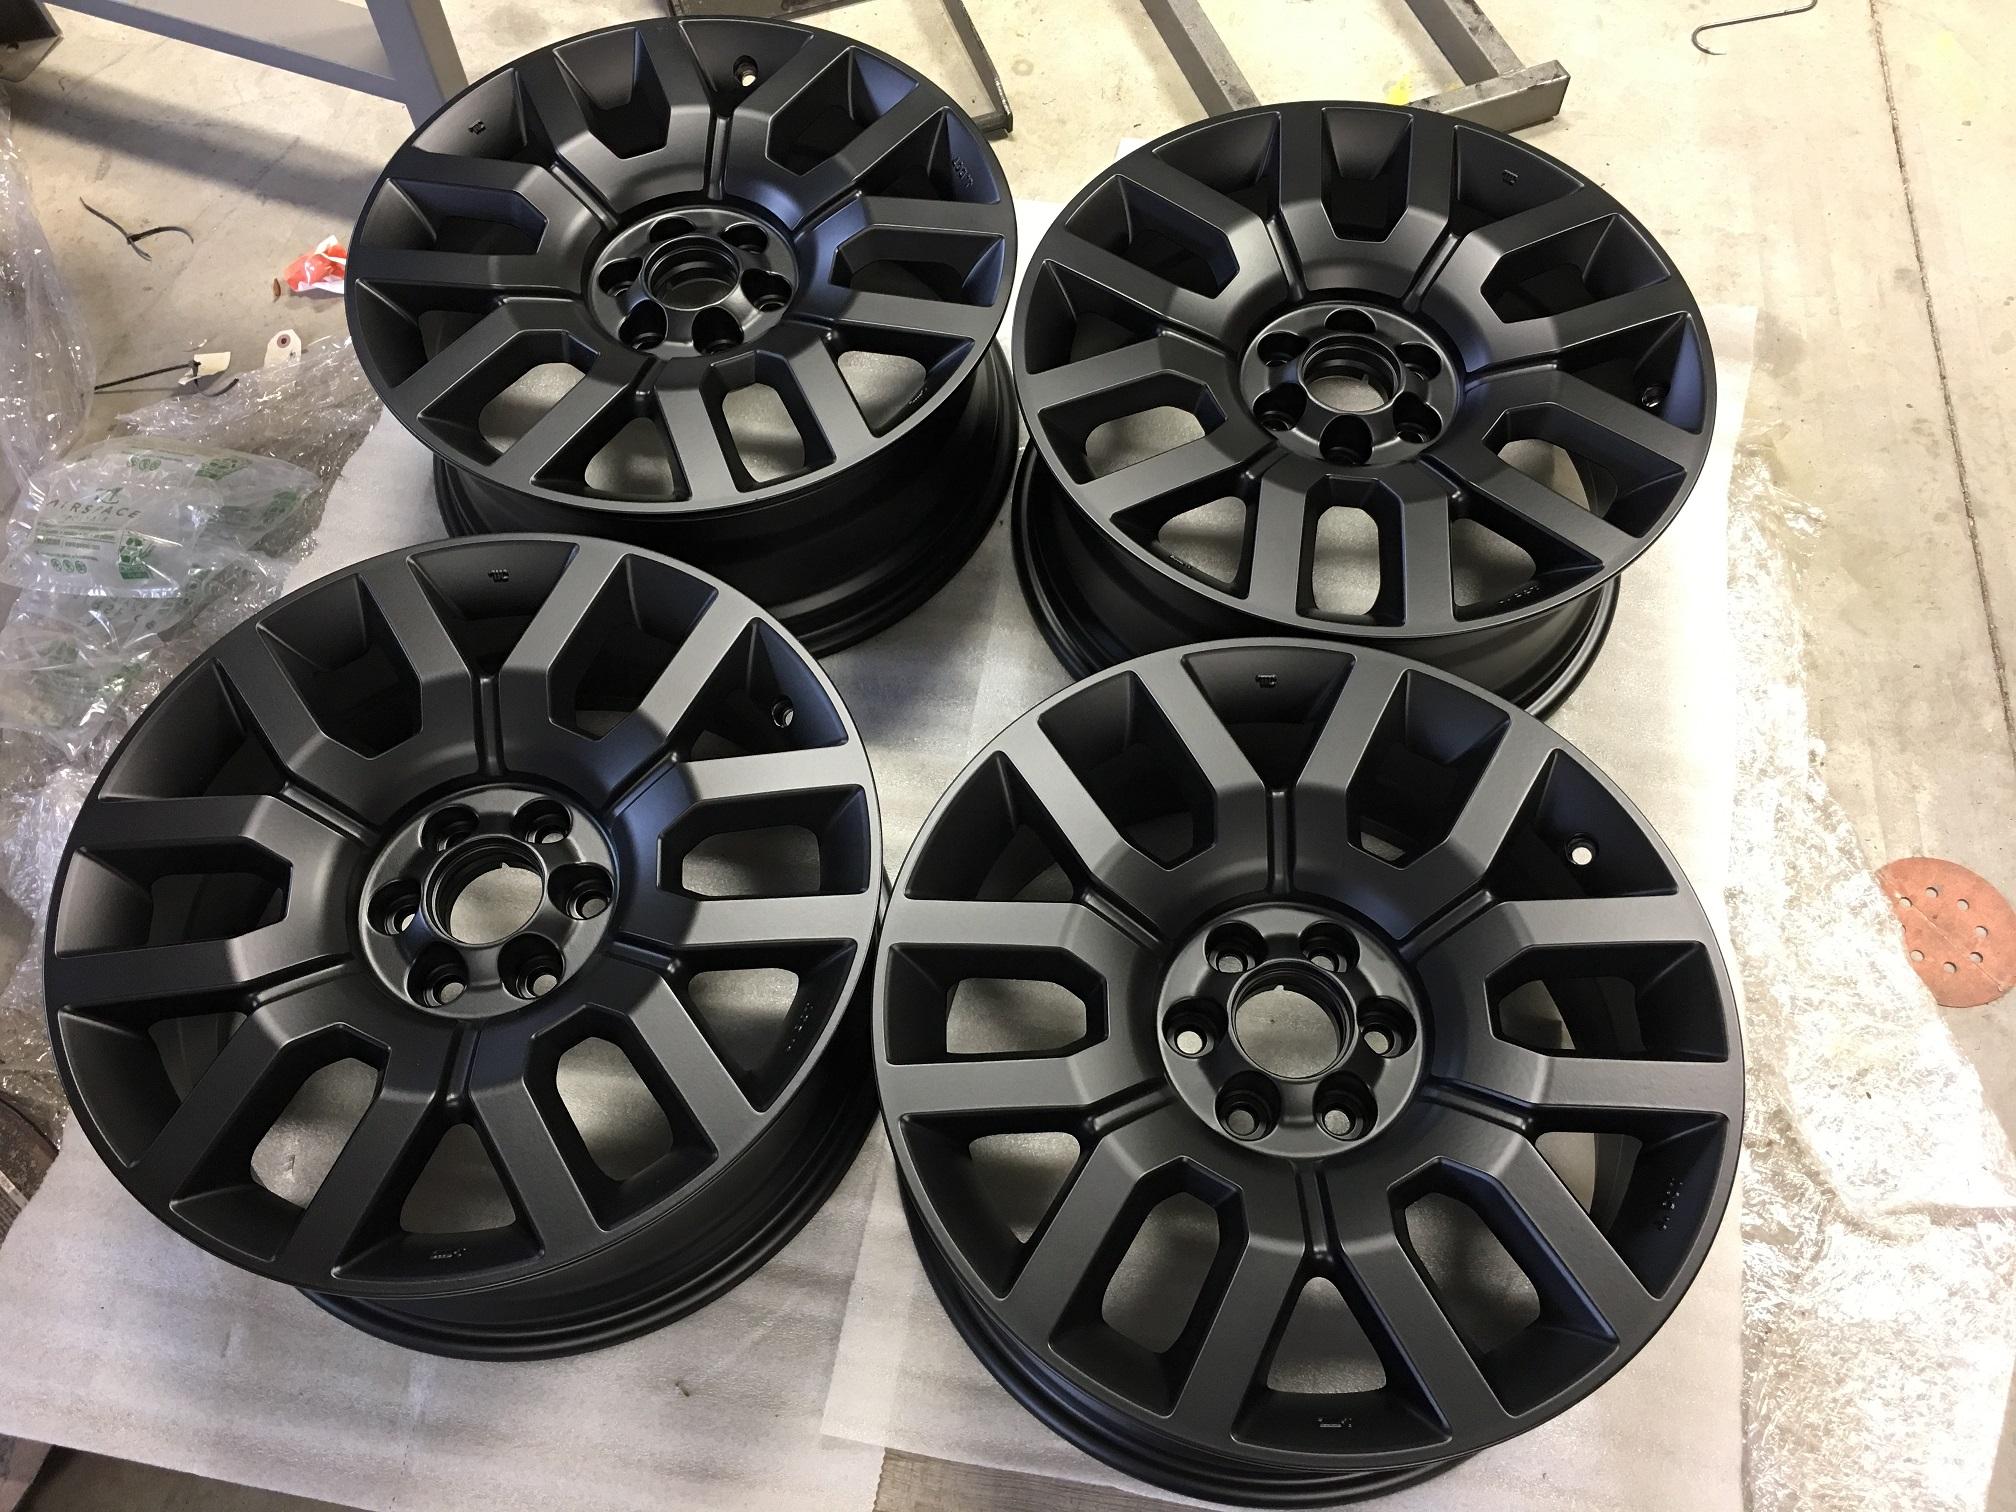 Oem 18 Rims Need Help Choosing Tires Nissan Frontier Forum